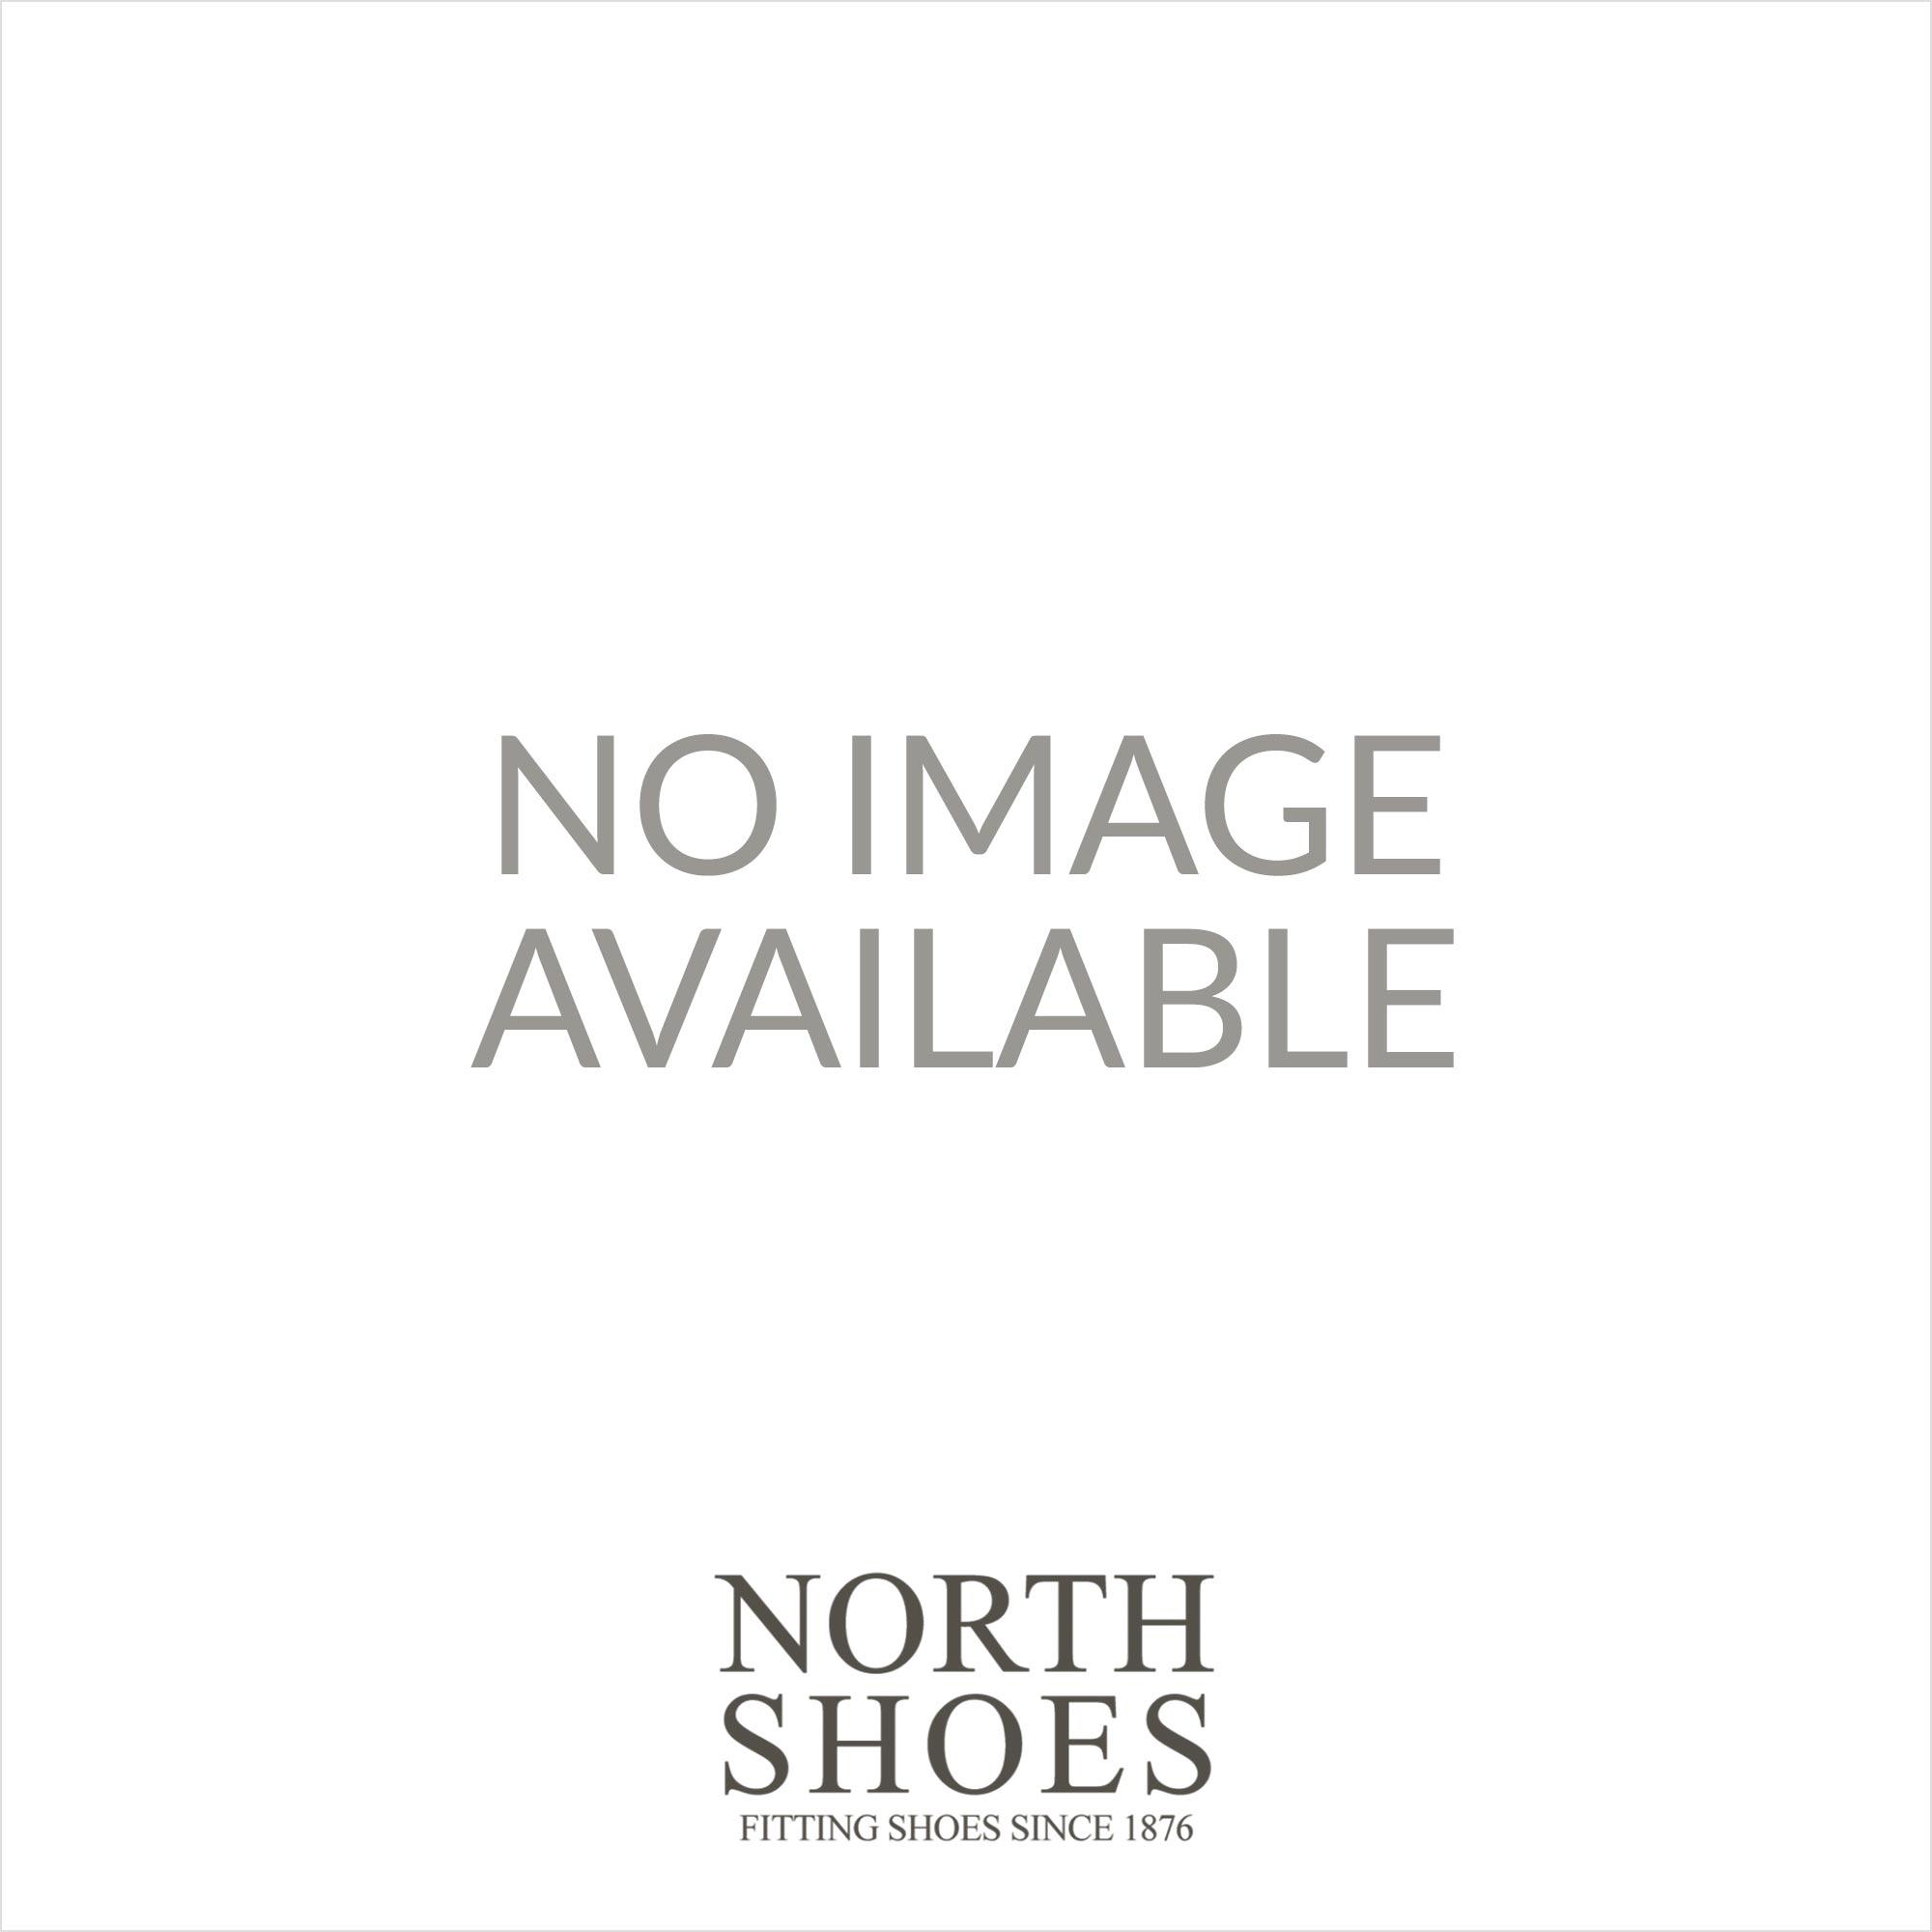 ca54668b1024 ... Skechers 14681 Blue Rubber Womens Toe Post Flip Flop Sandal ...